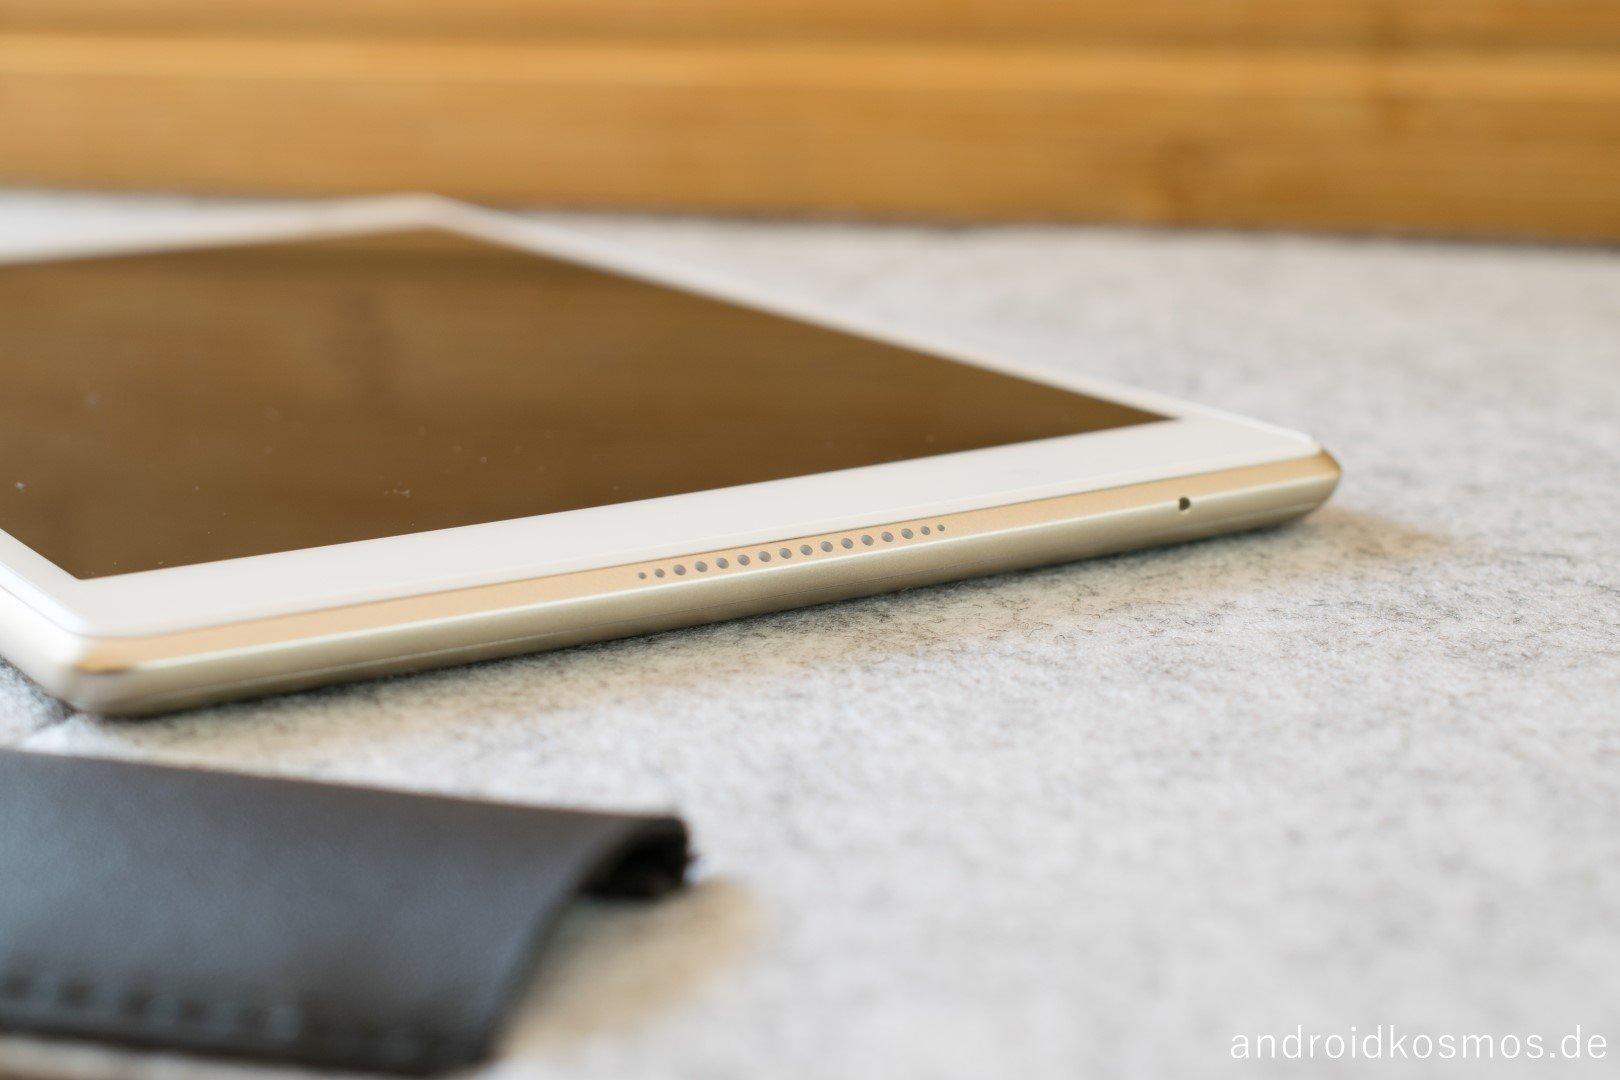 AndroidKosmos Lenovo Xiaoxin 2185